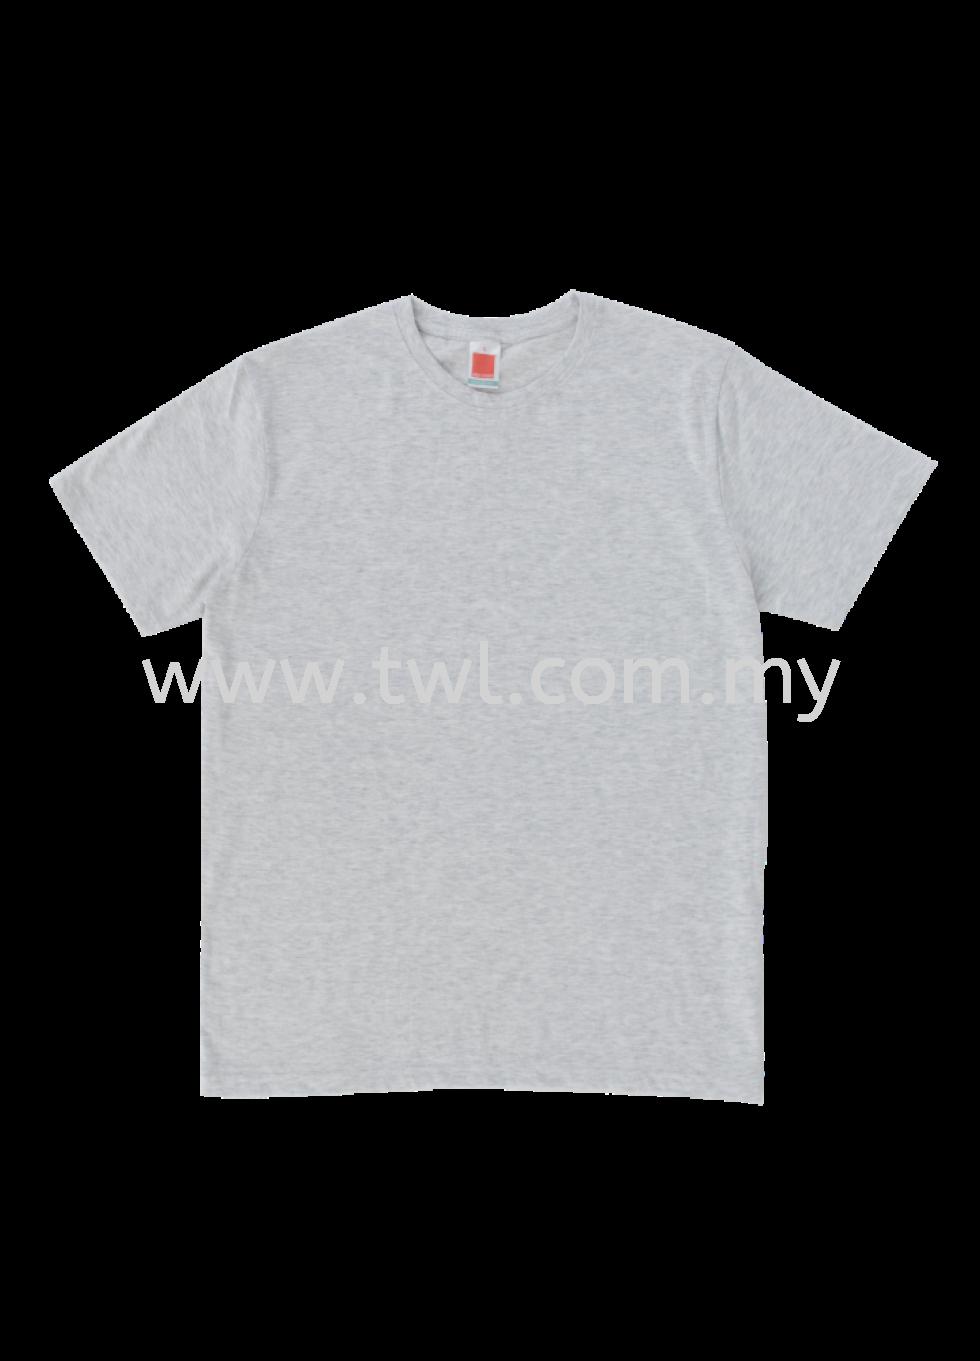 Superior Cotton CT60